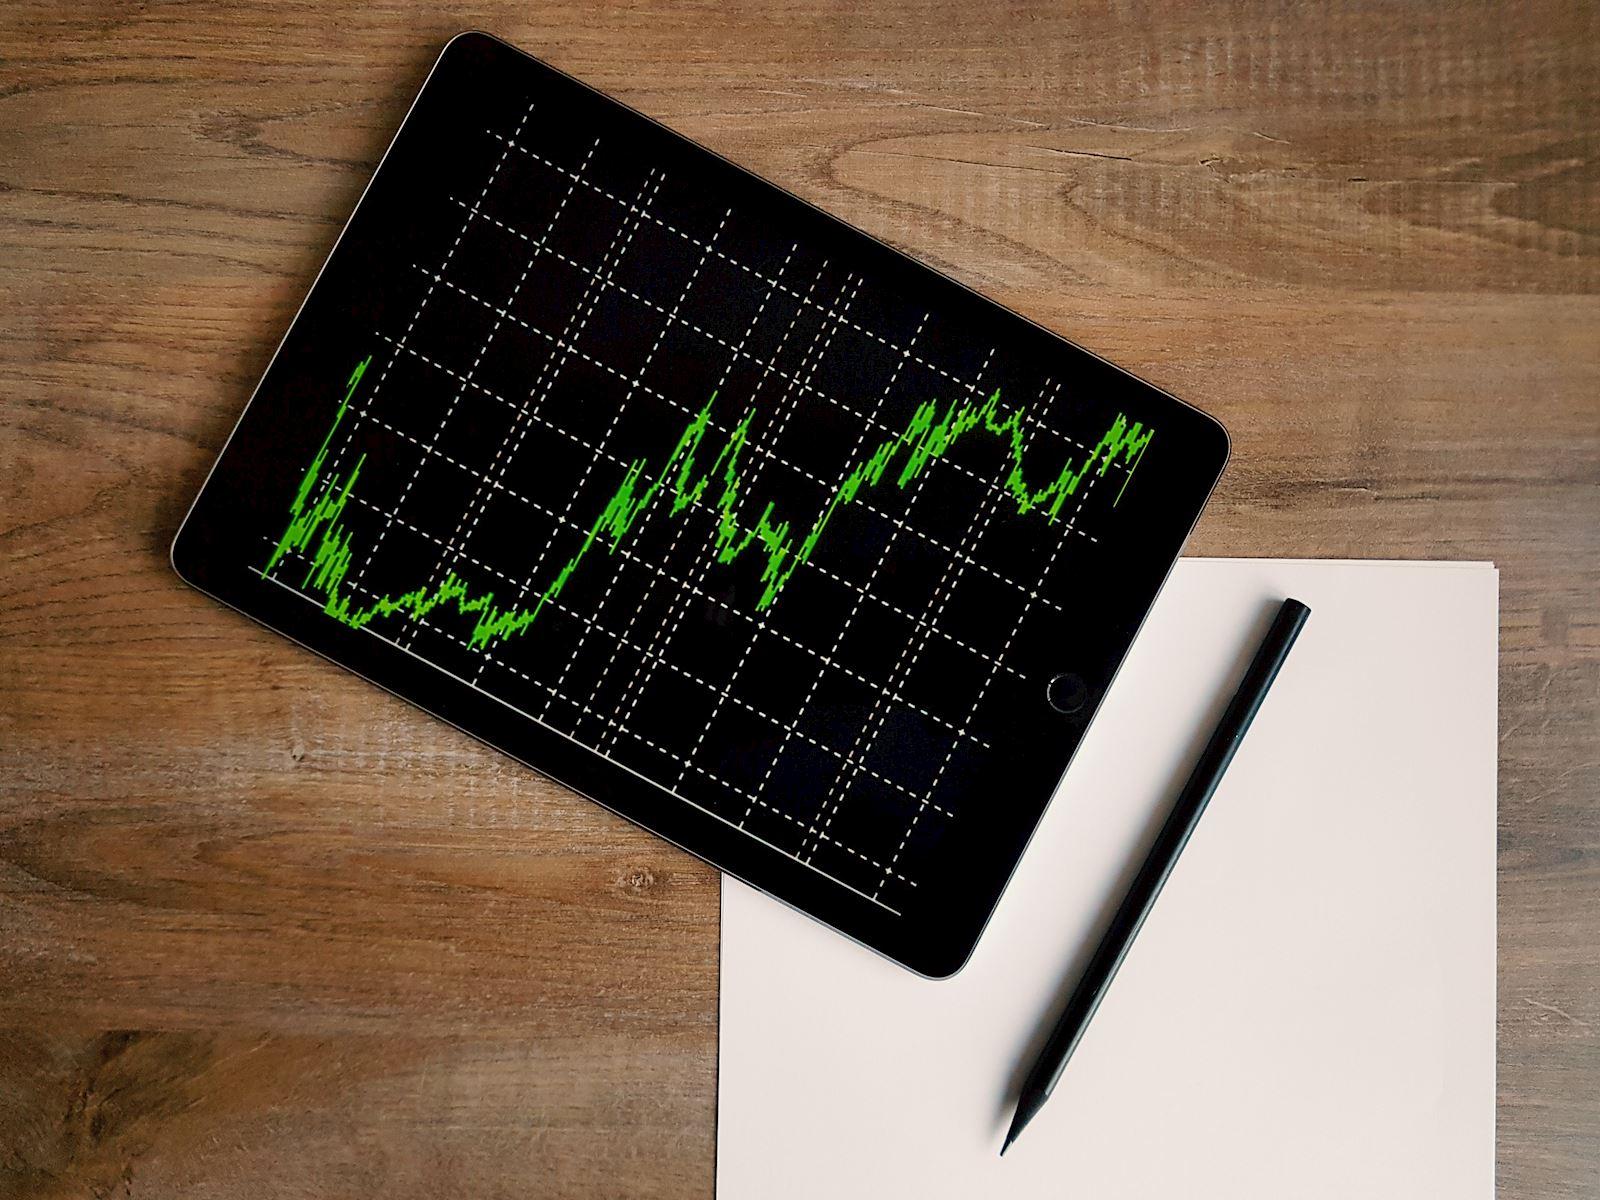 Le capital investi dans les start-ups vaudoises a augmenté de 70% en 2019